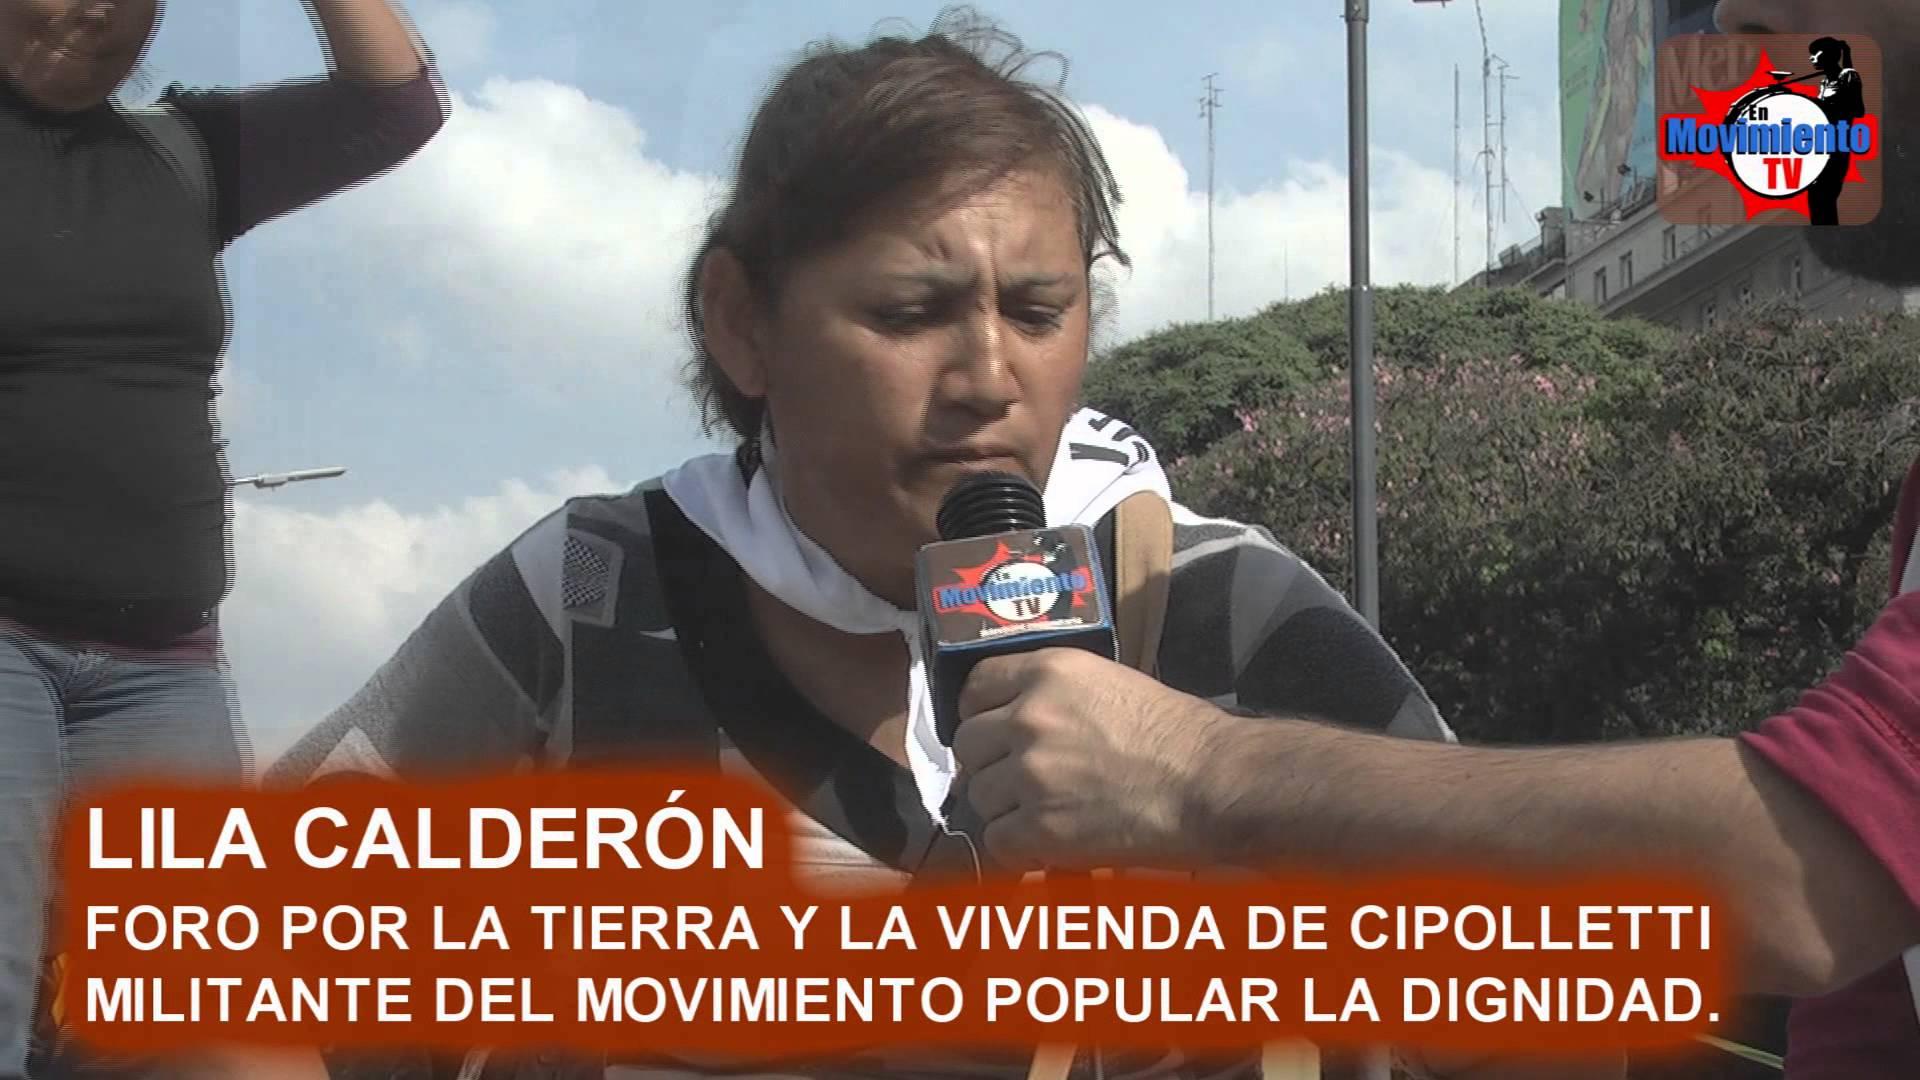 Lila Calderón